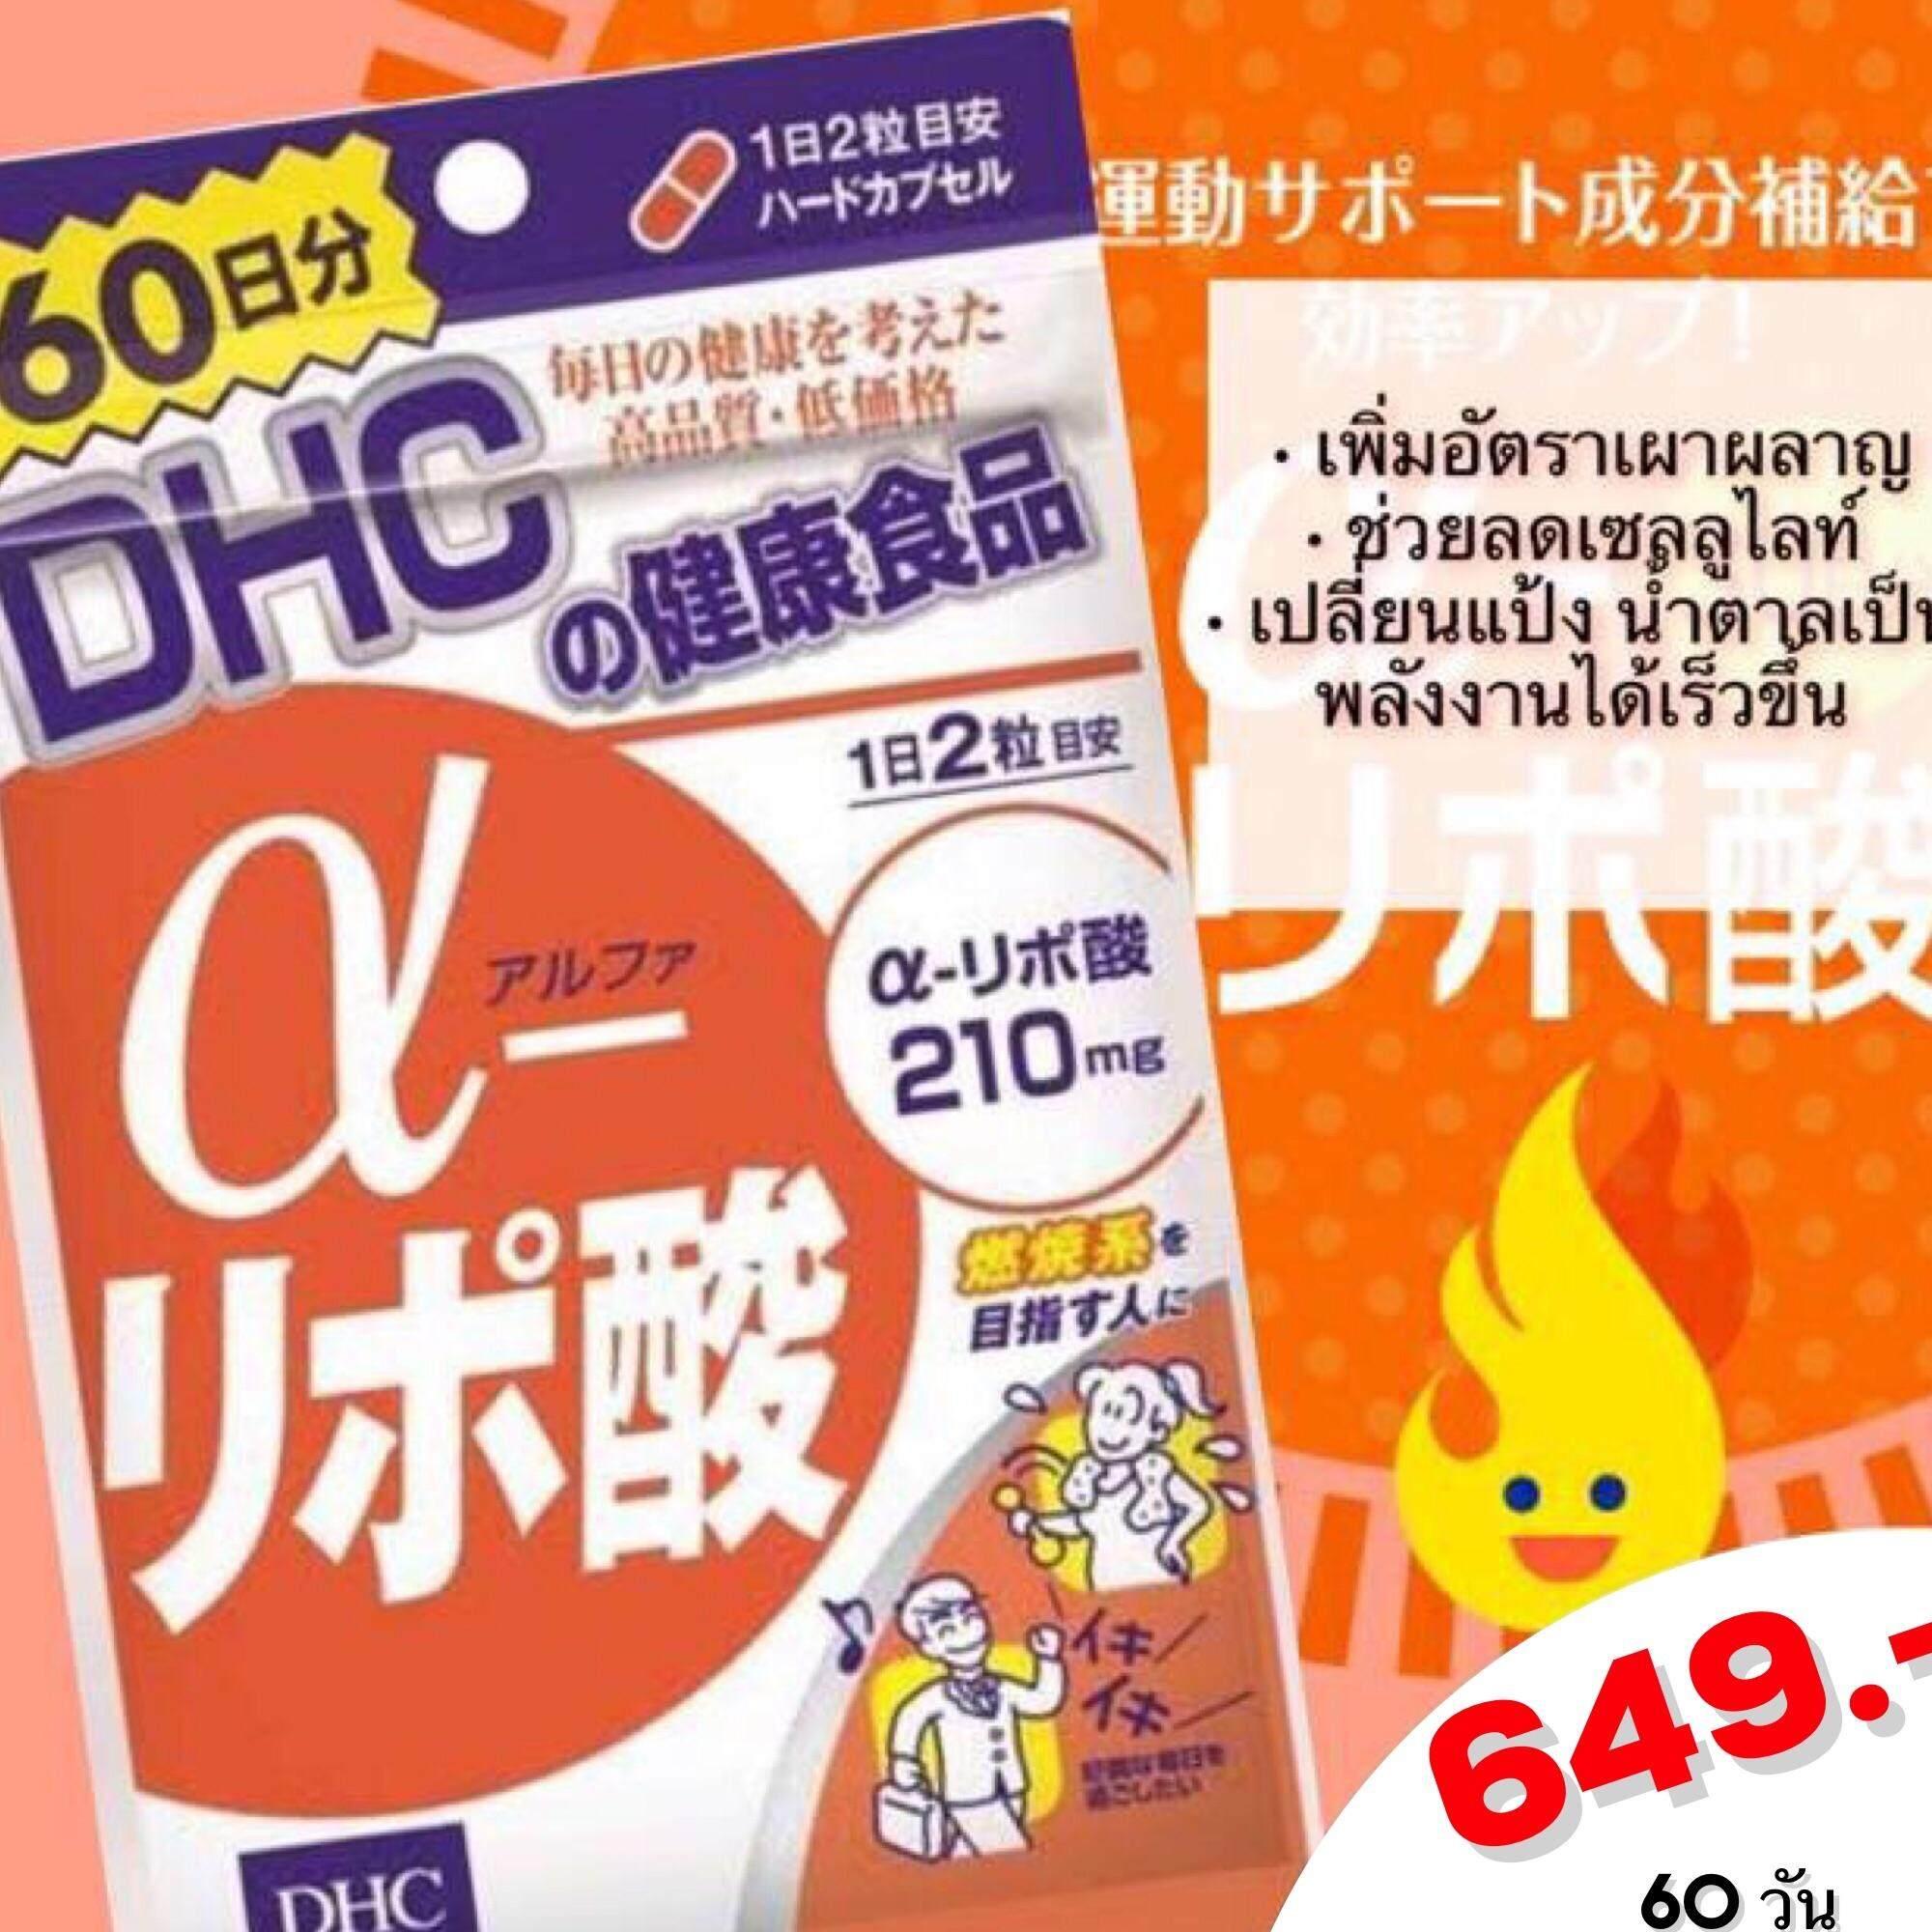 Dhc alpha lipo 60 วัน อัลฟ่าลิโพเพิ่มการเผาผลาญ ลดความอ้วน